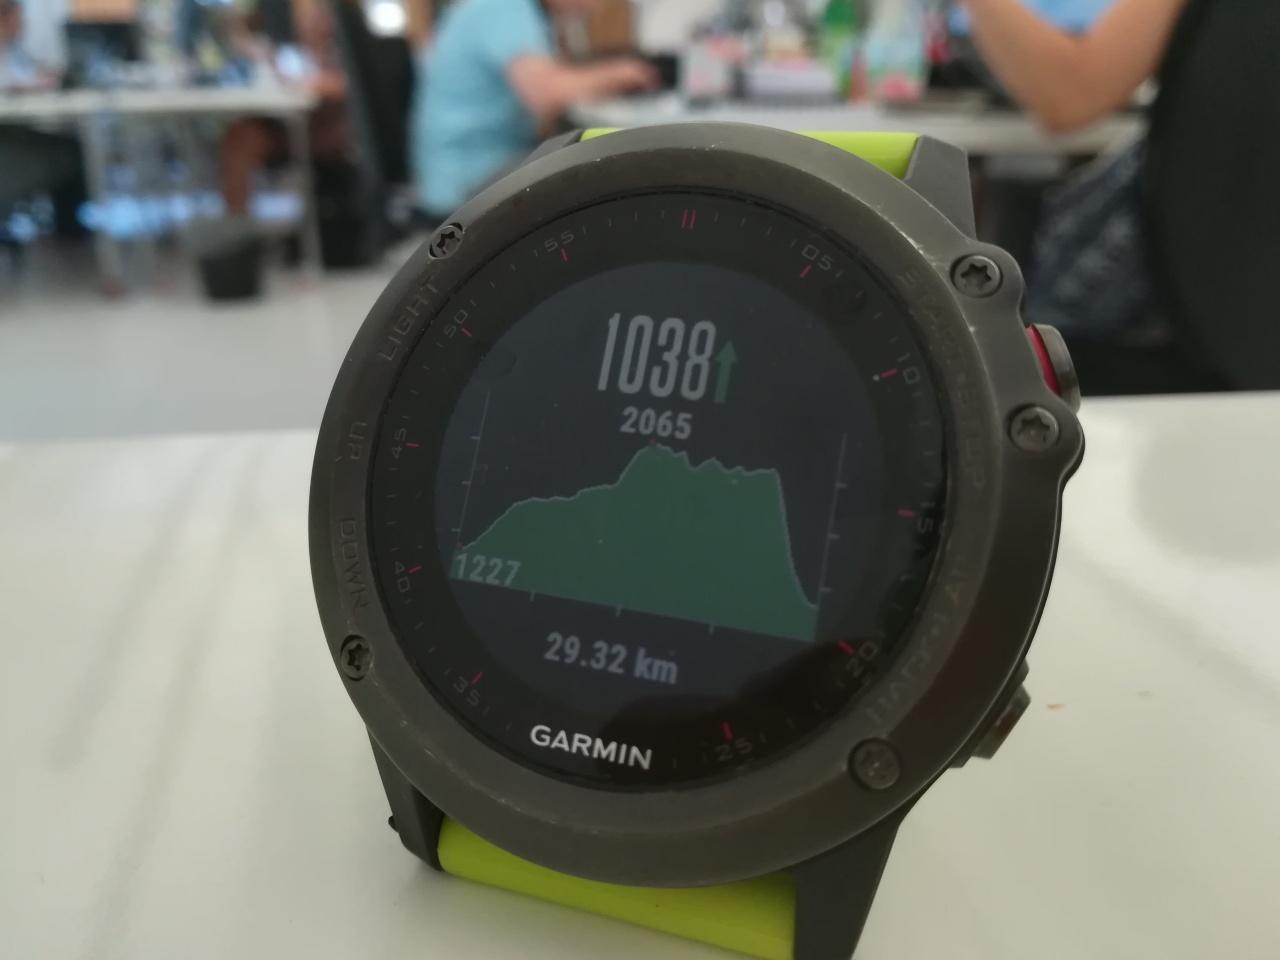 garmin fenix 3 il migliore navigatore gps per mtb